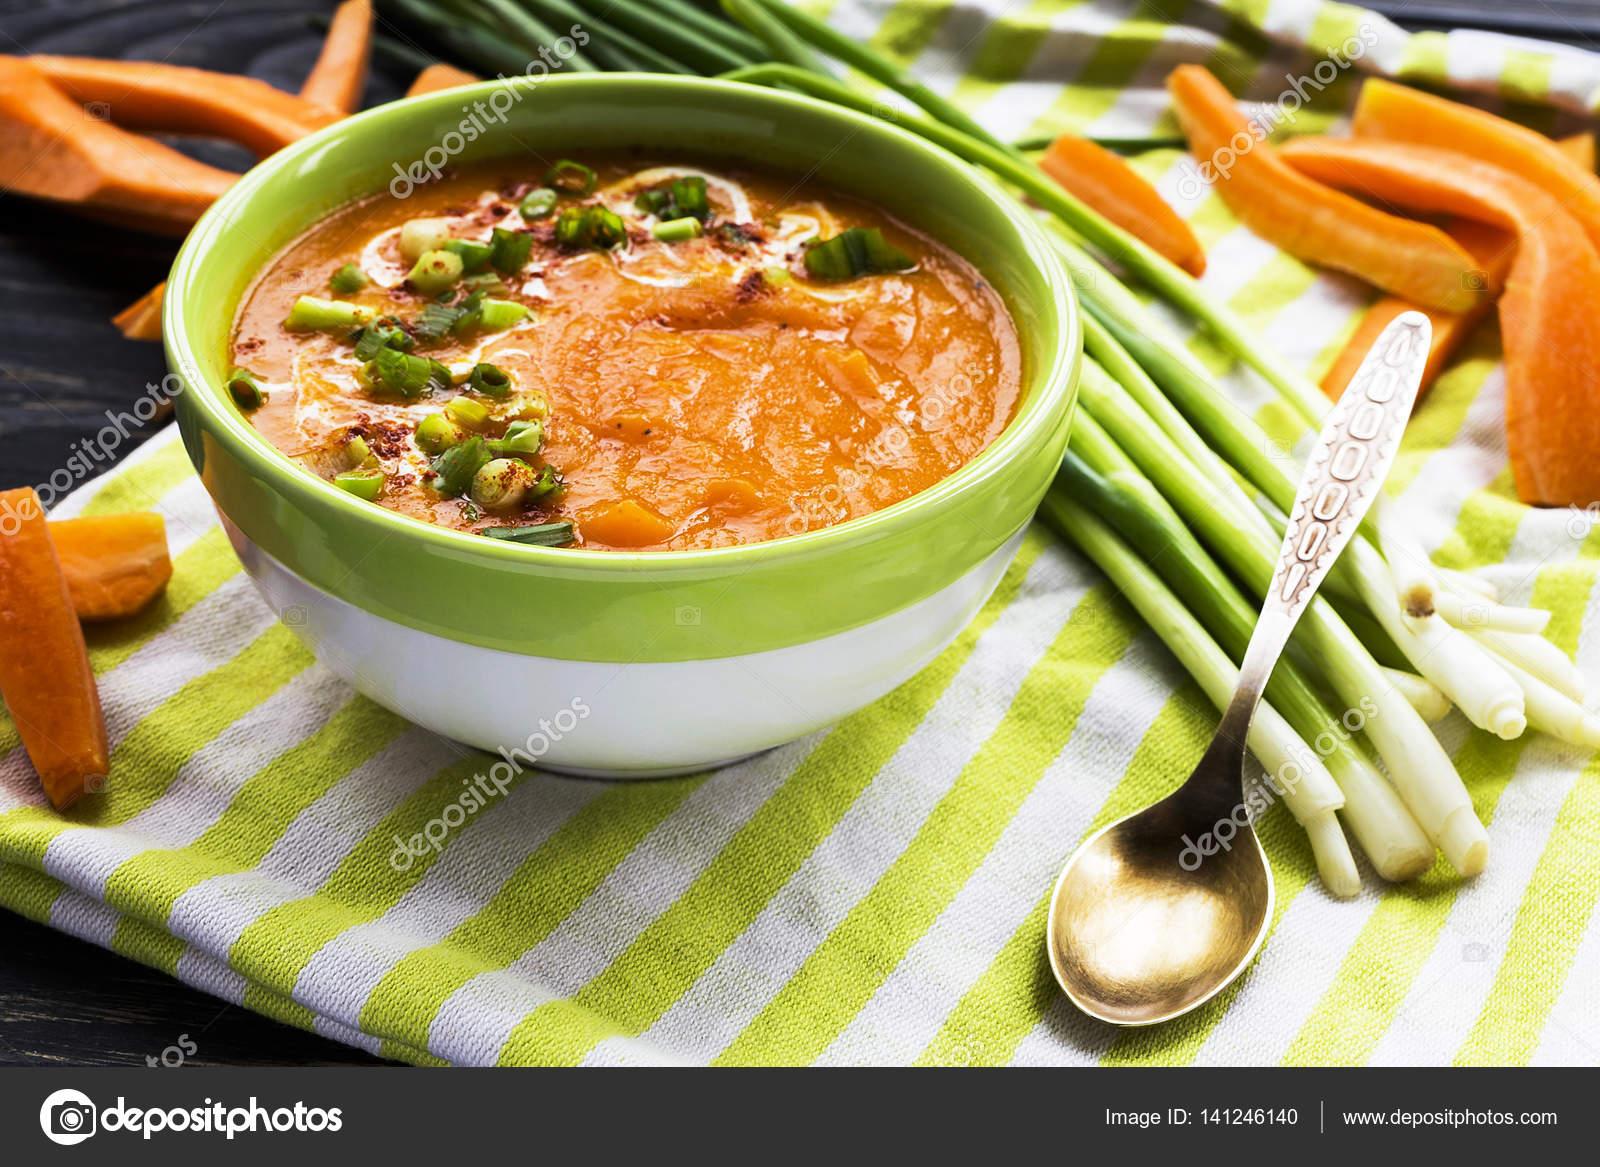 Soğan çorbası diyeti